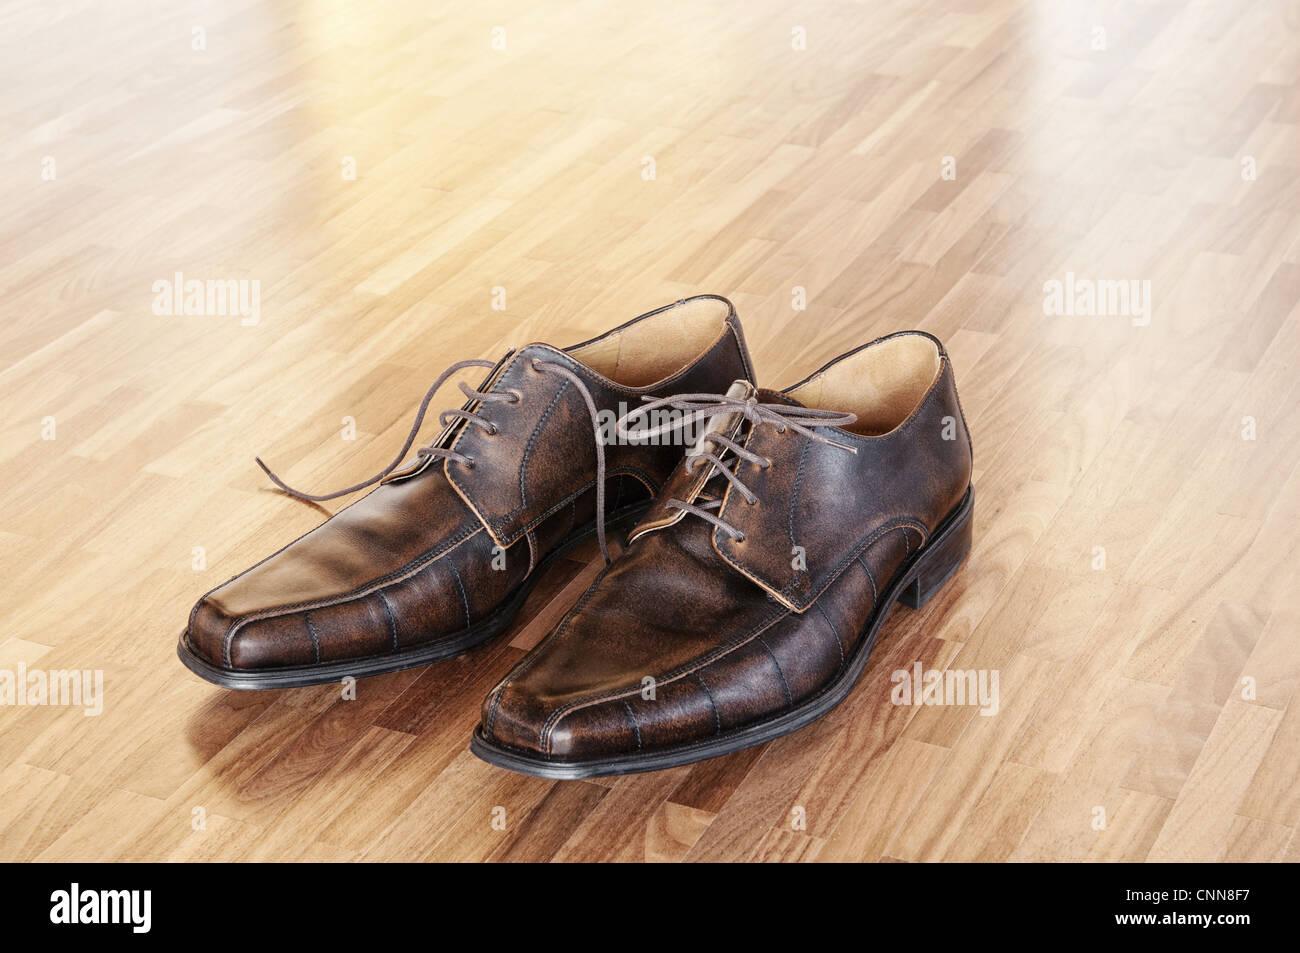 Un paio di scarpe marrone in una casa interno. Immagini Stock